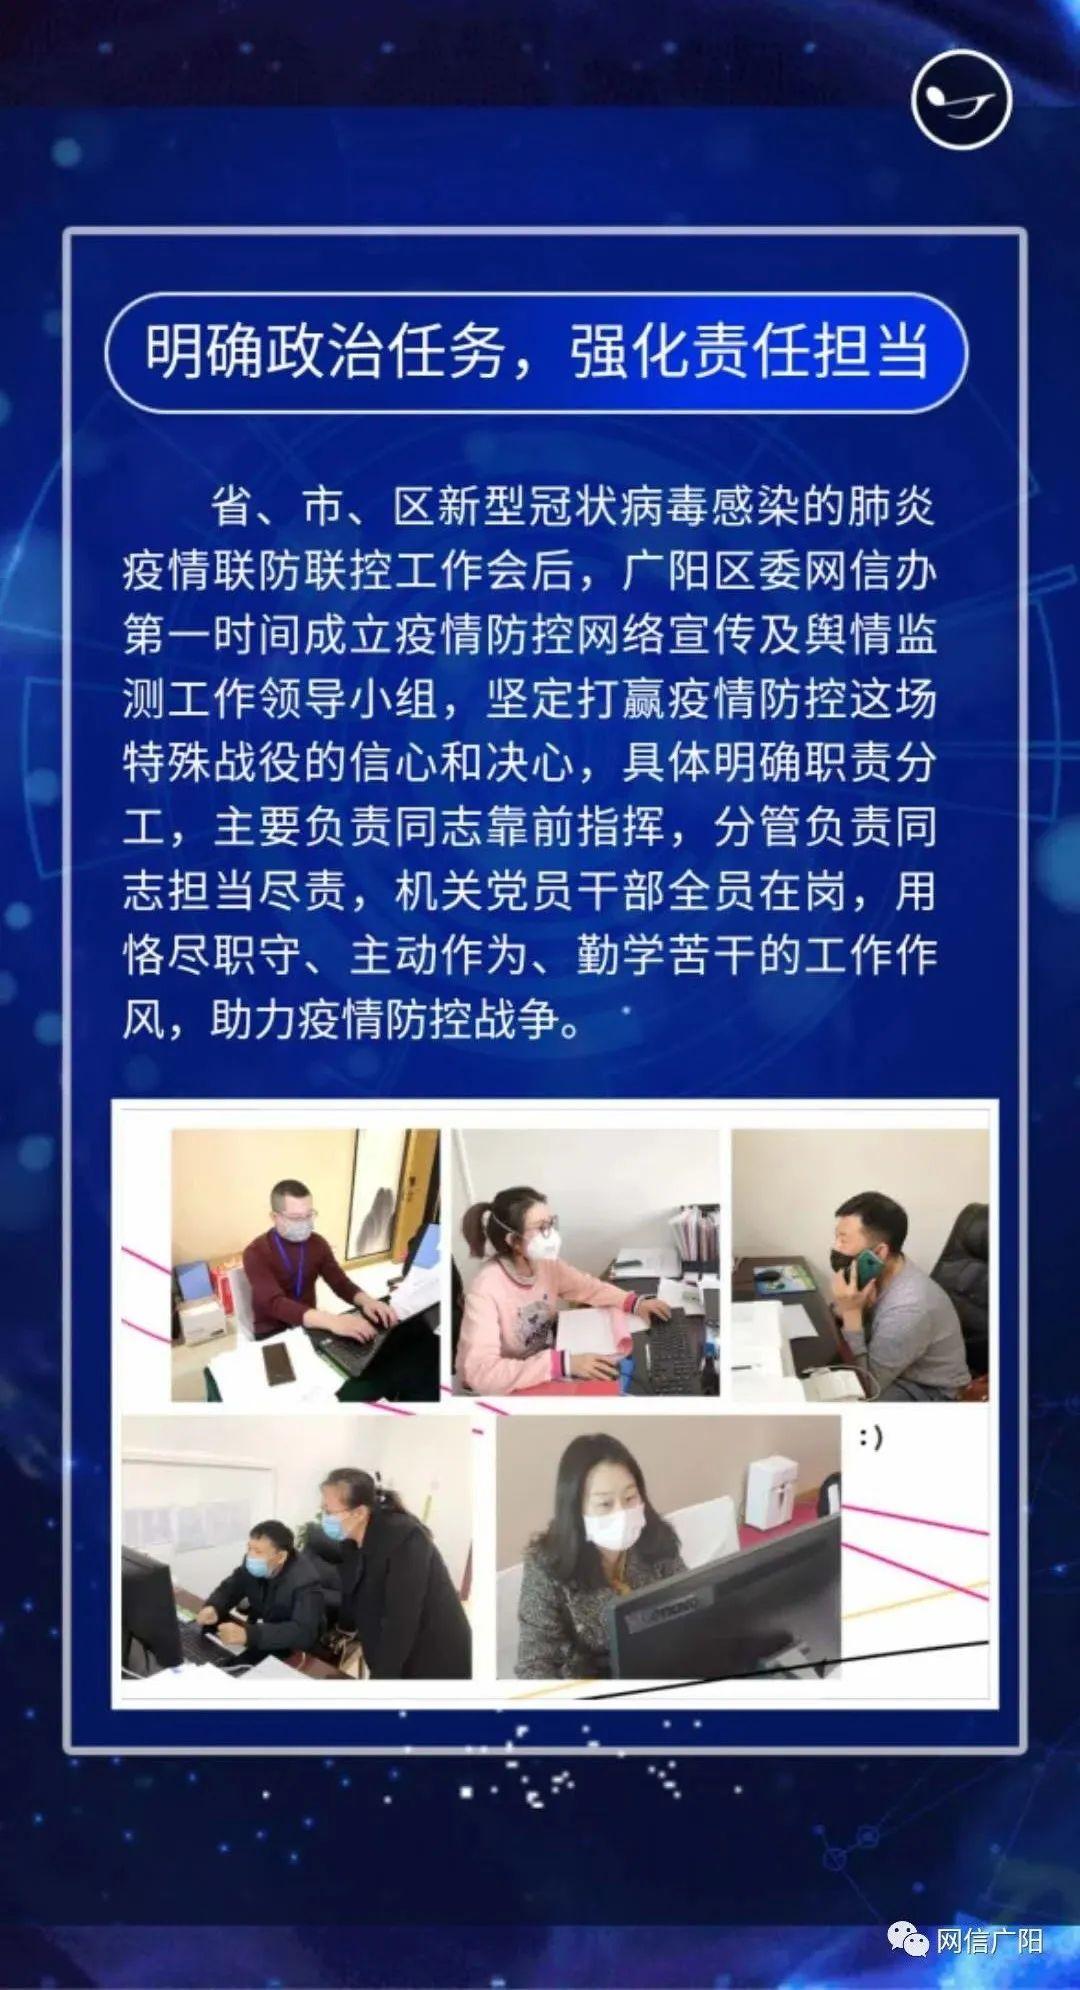 廊坊:担当作为重实干 助力广阳防疫战